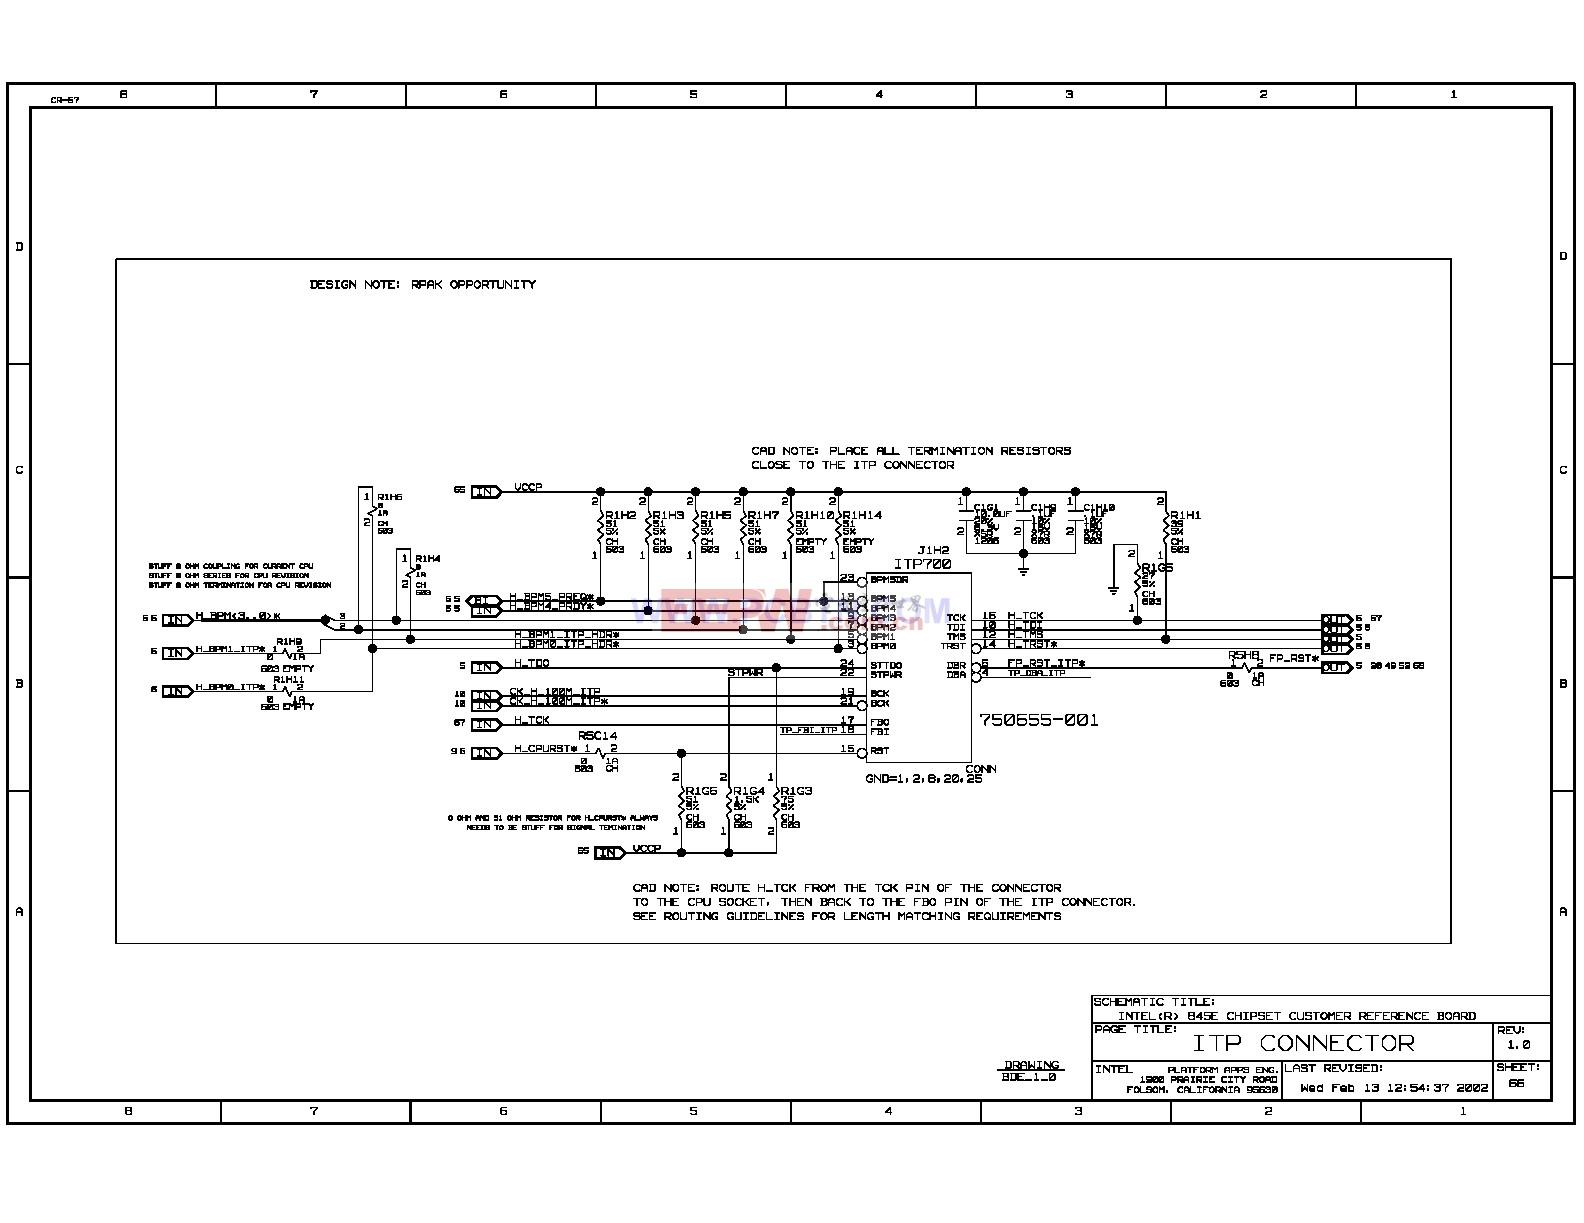 Intel 875p主板调试接口ITP电路图